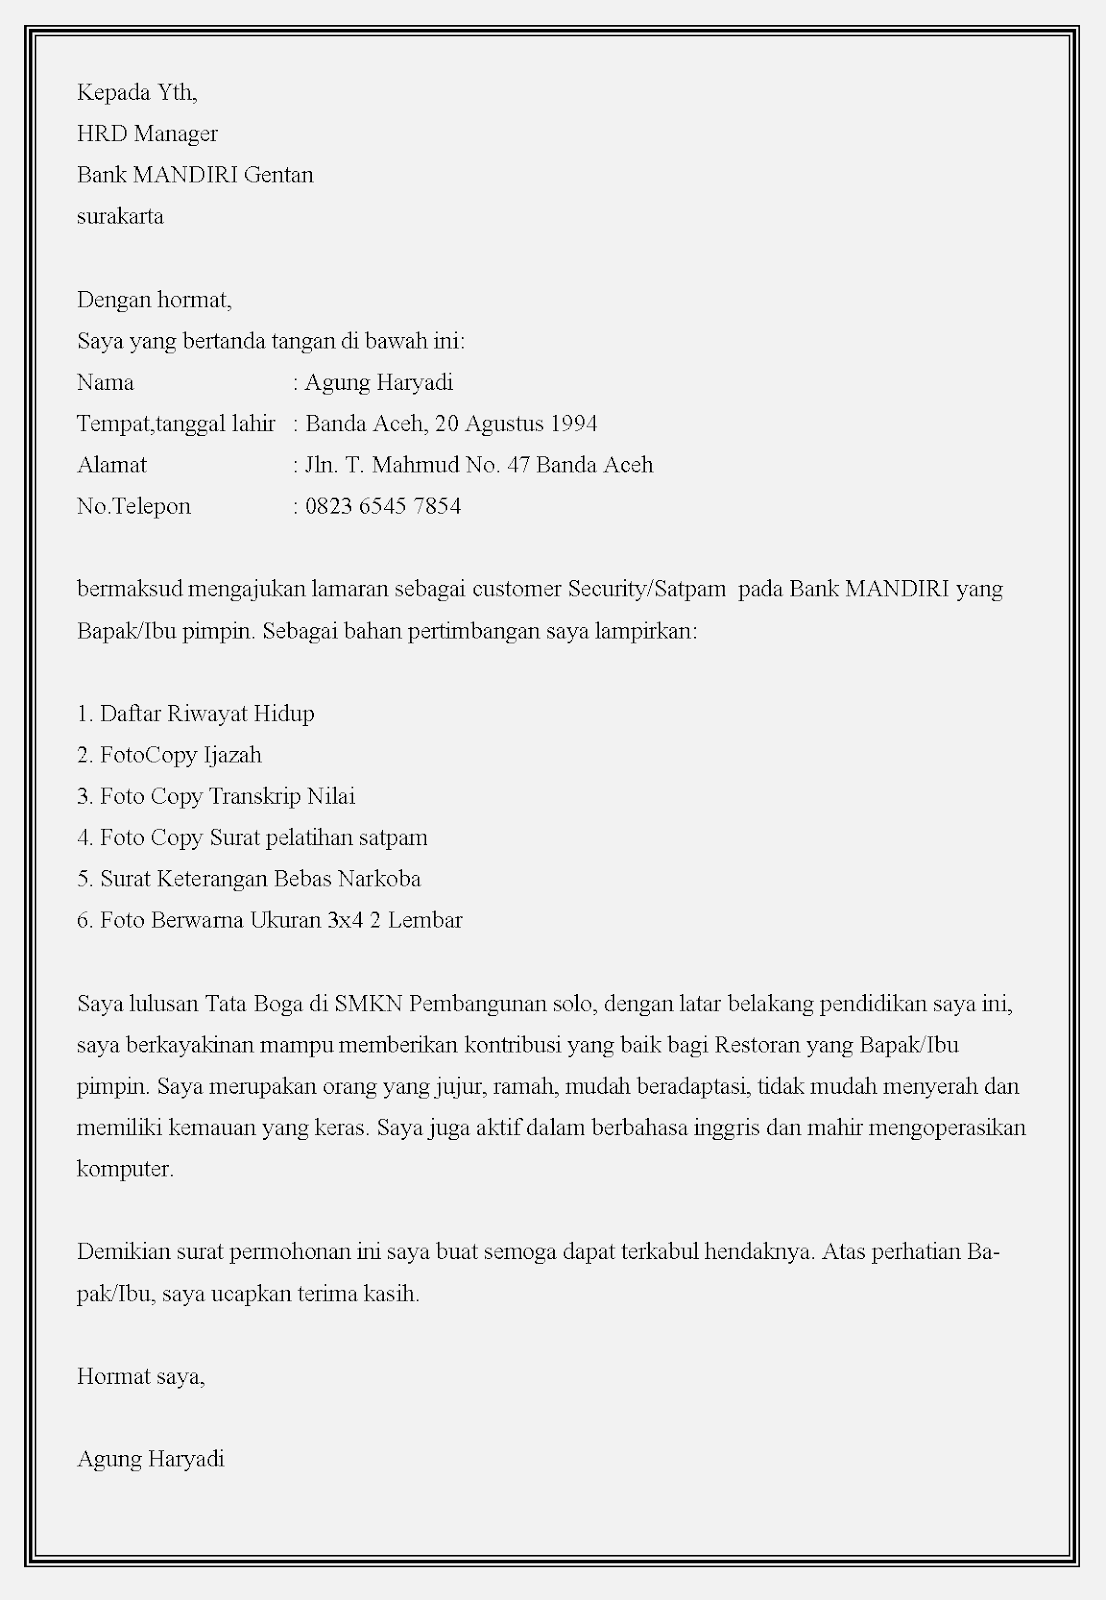 Surat Lamaran Kerja Satpam : surat, lamaran, kerja, satpam, Contoh, Surat, Lamaran, Satpam, Kumpulan, Gambar